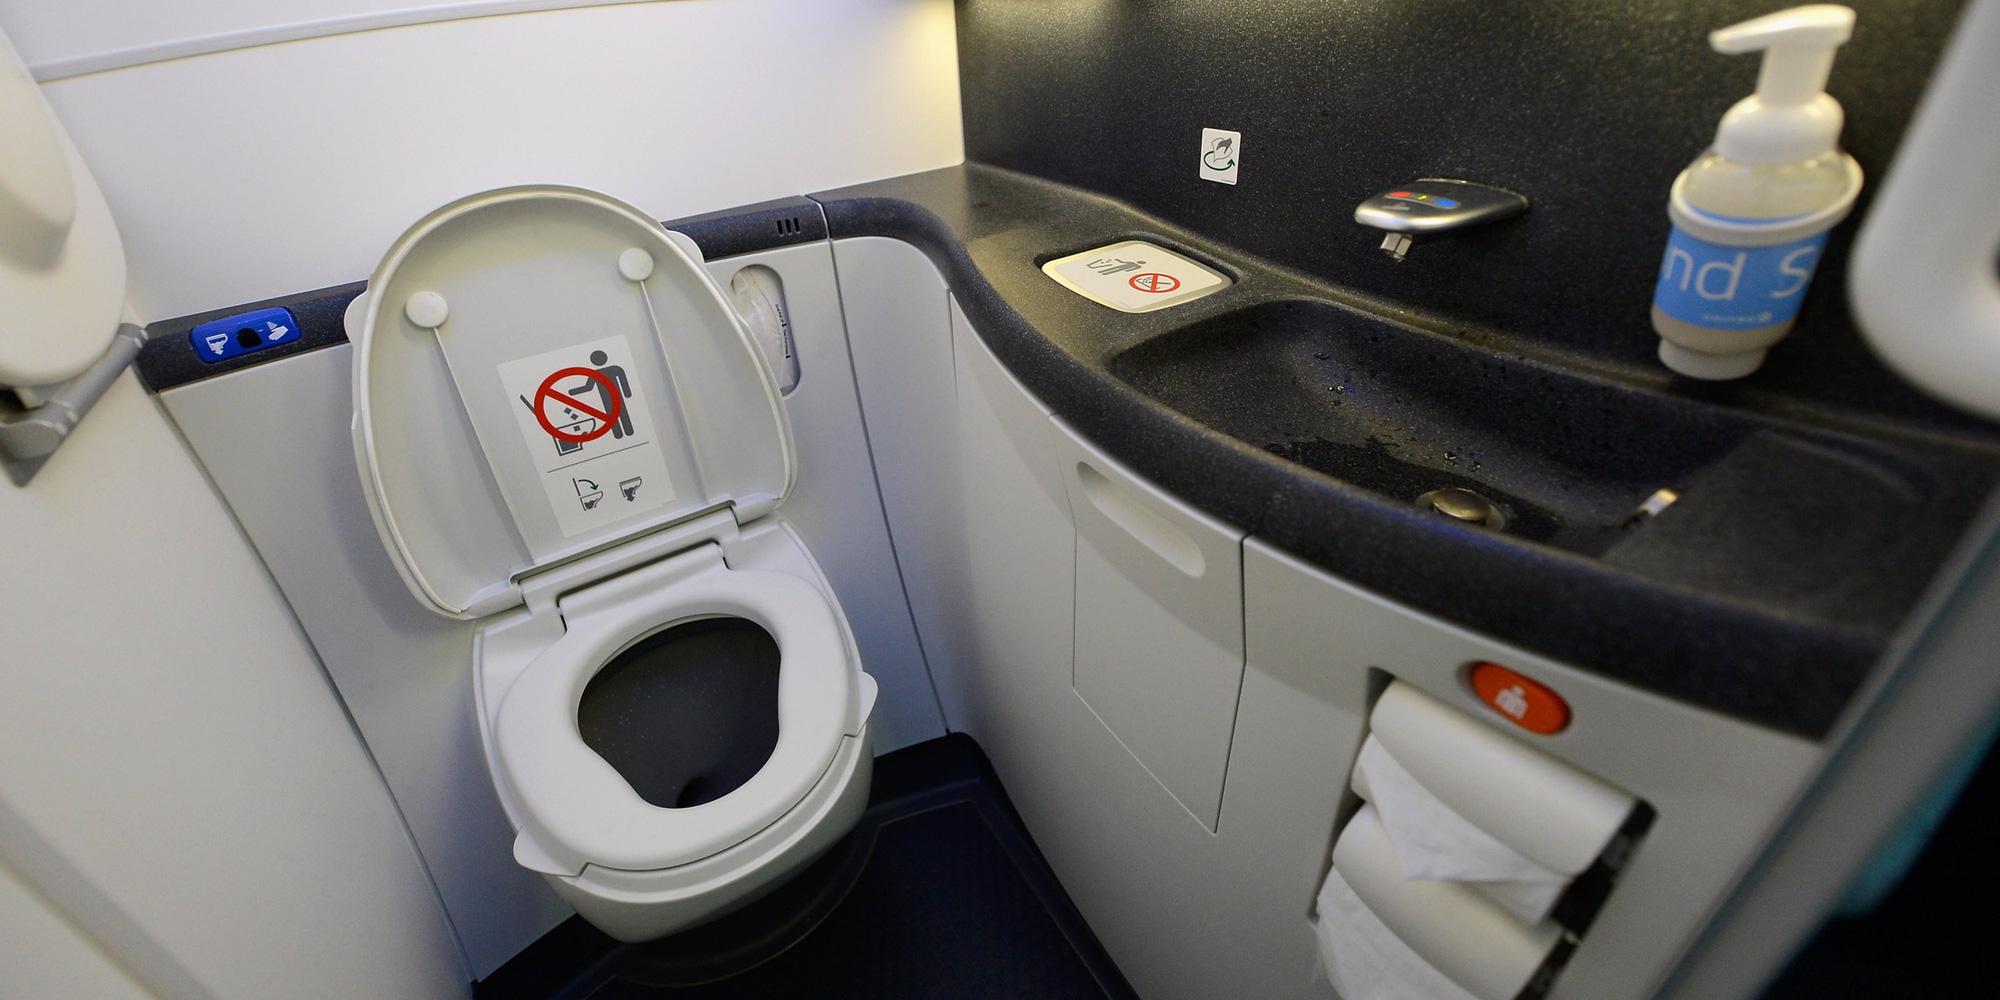 Trẻ con có được đi vệ sinh trên máy bay? - Ảnh 1.